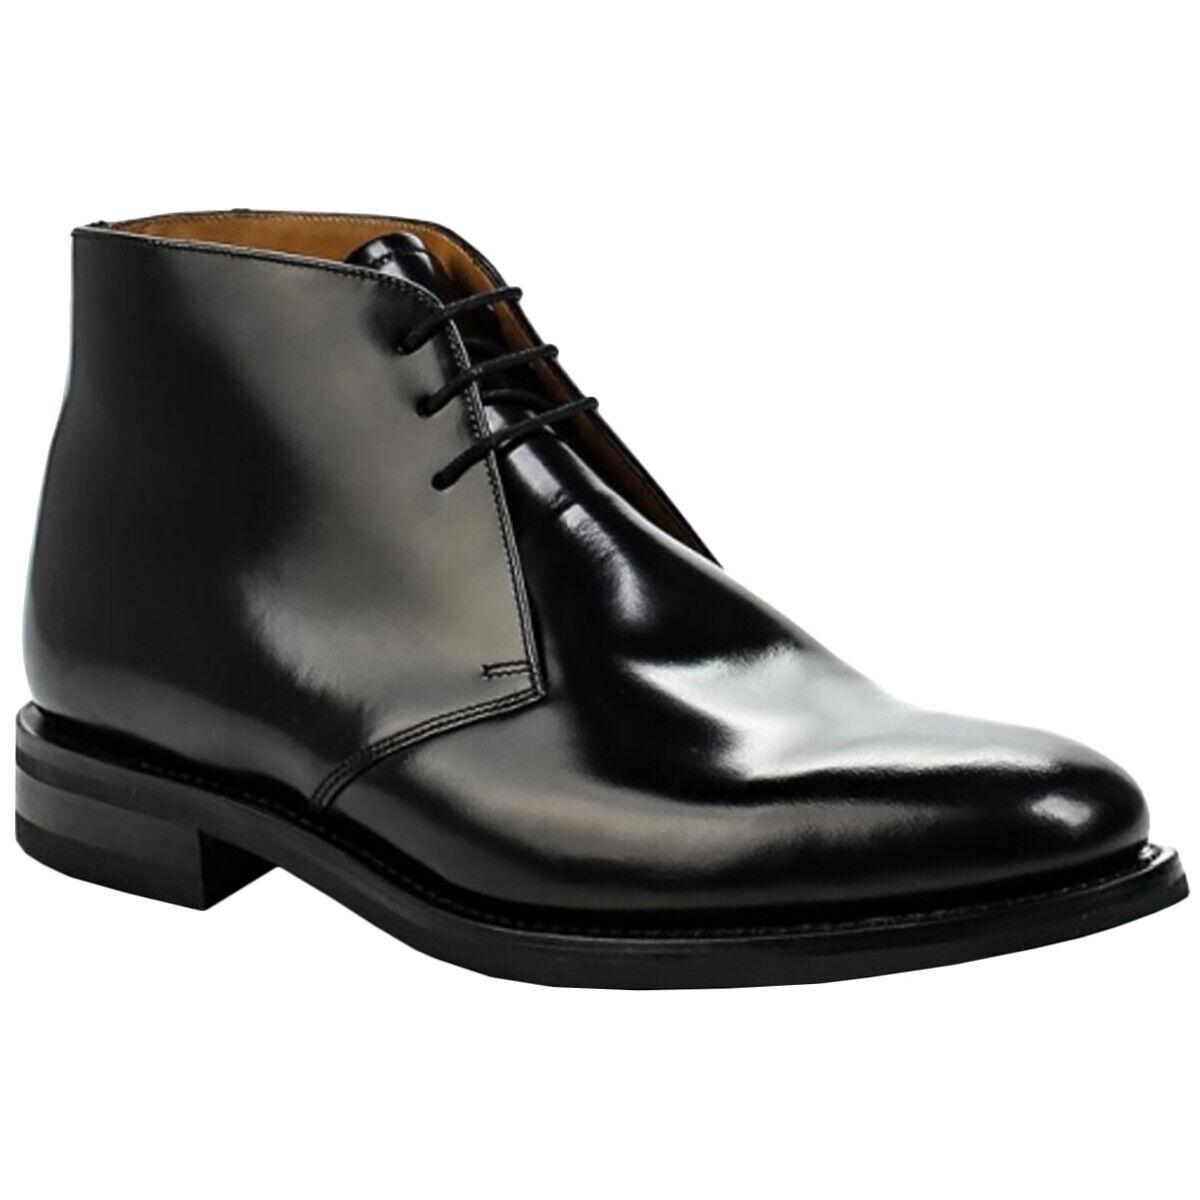 Loake Pulido Chukka Cuero Brillante Tobillo botas Para Hombre Formales Chukka